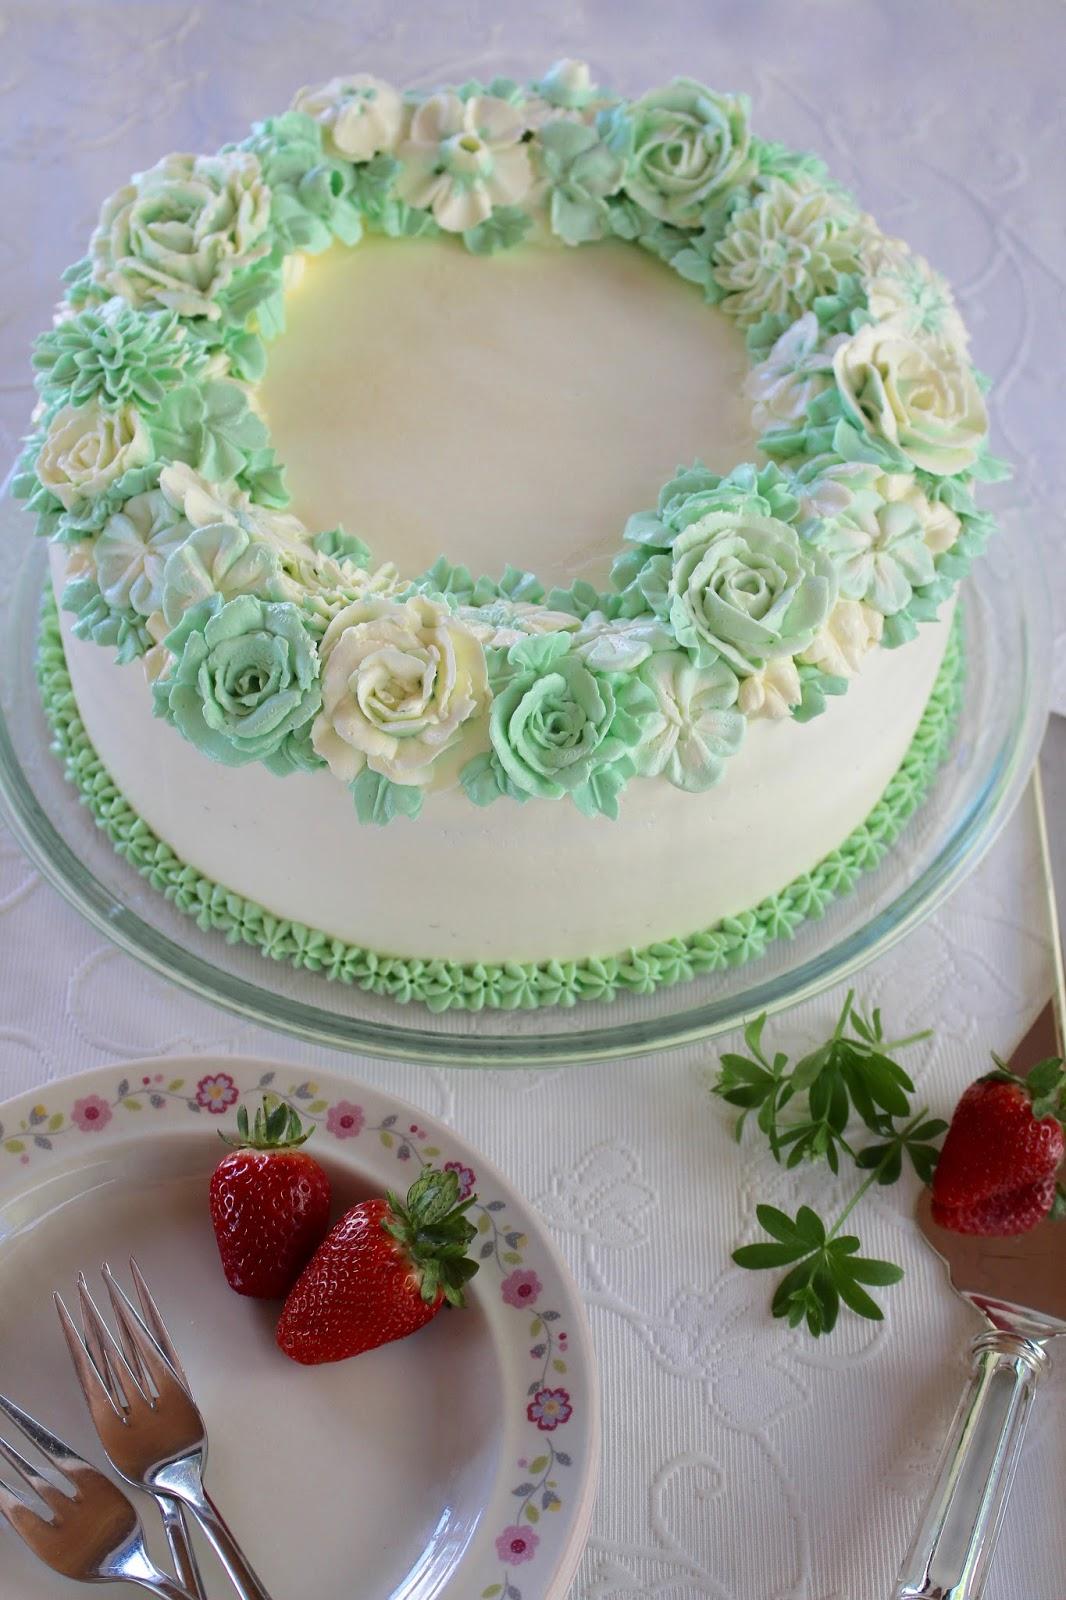 Erdbeer-Waldmeister-Torte mit einem Kranz aus Buttercreme-Blüten